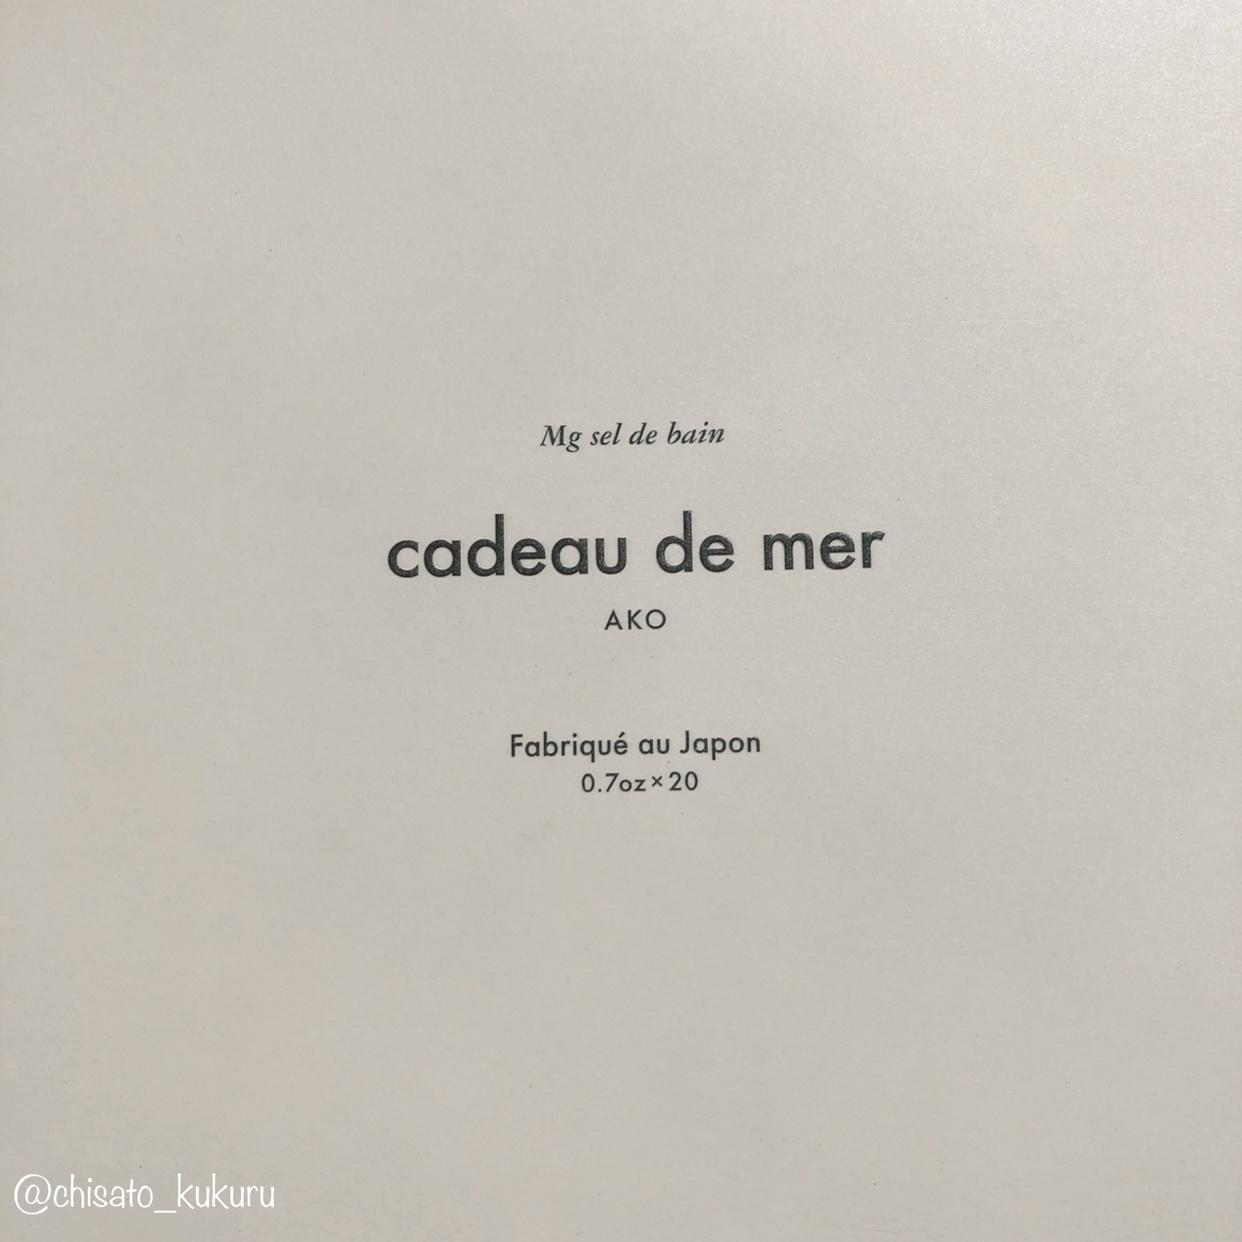 cadeau de mer(キャドゥ デ メール)バスパウダーを使ったkukuruさんのクチコミ画像2